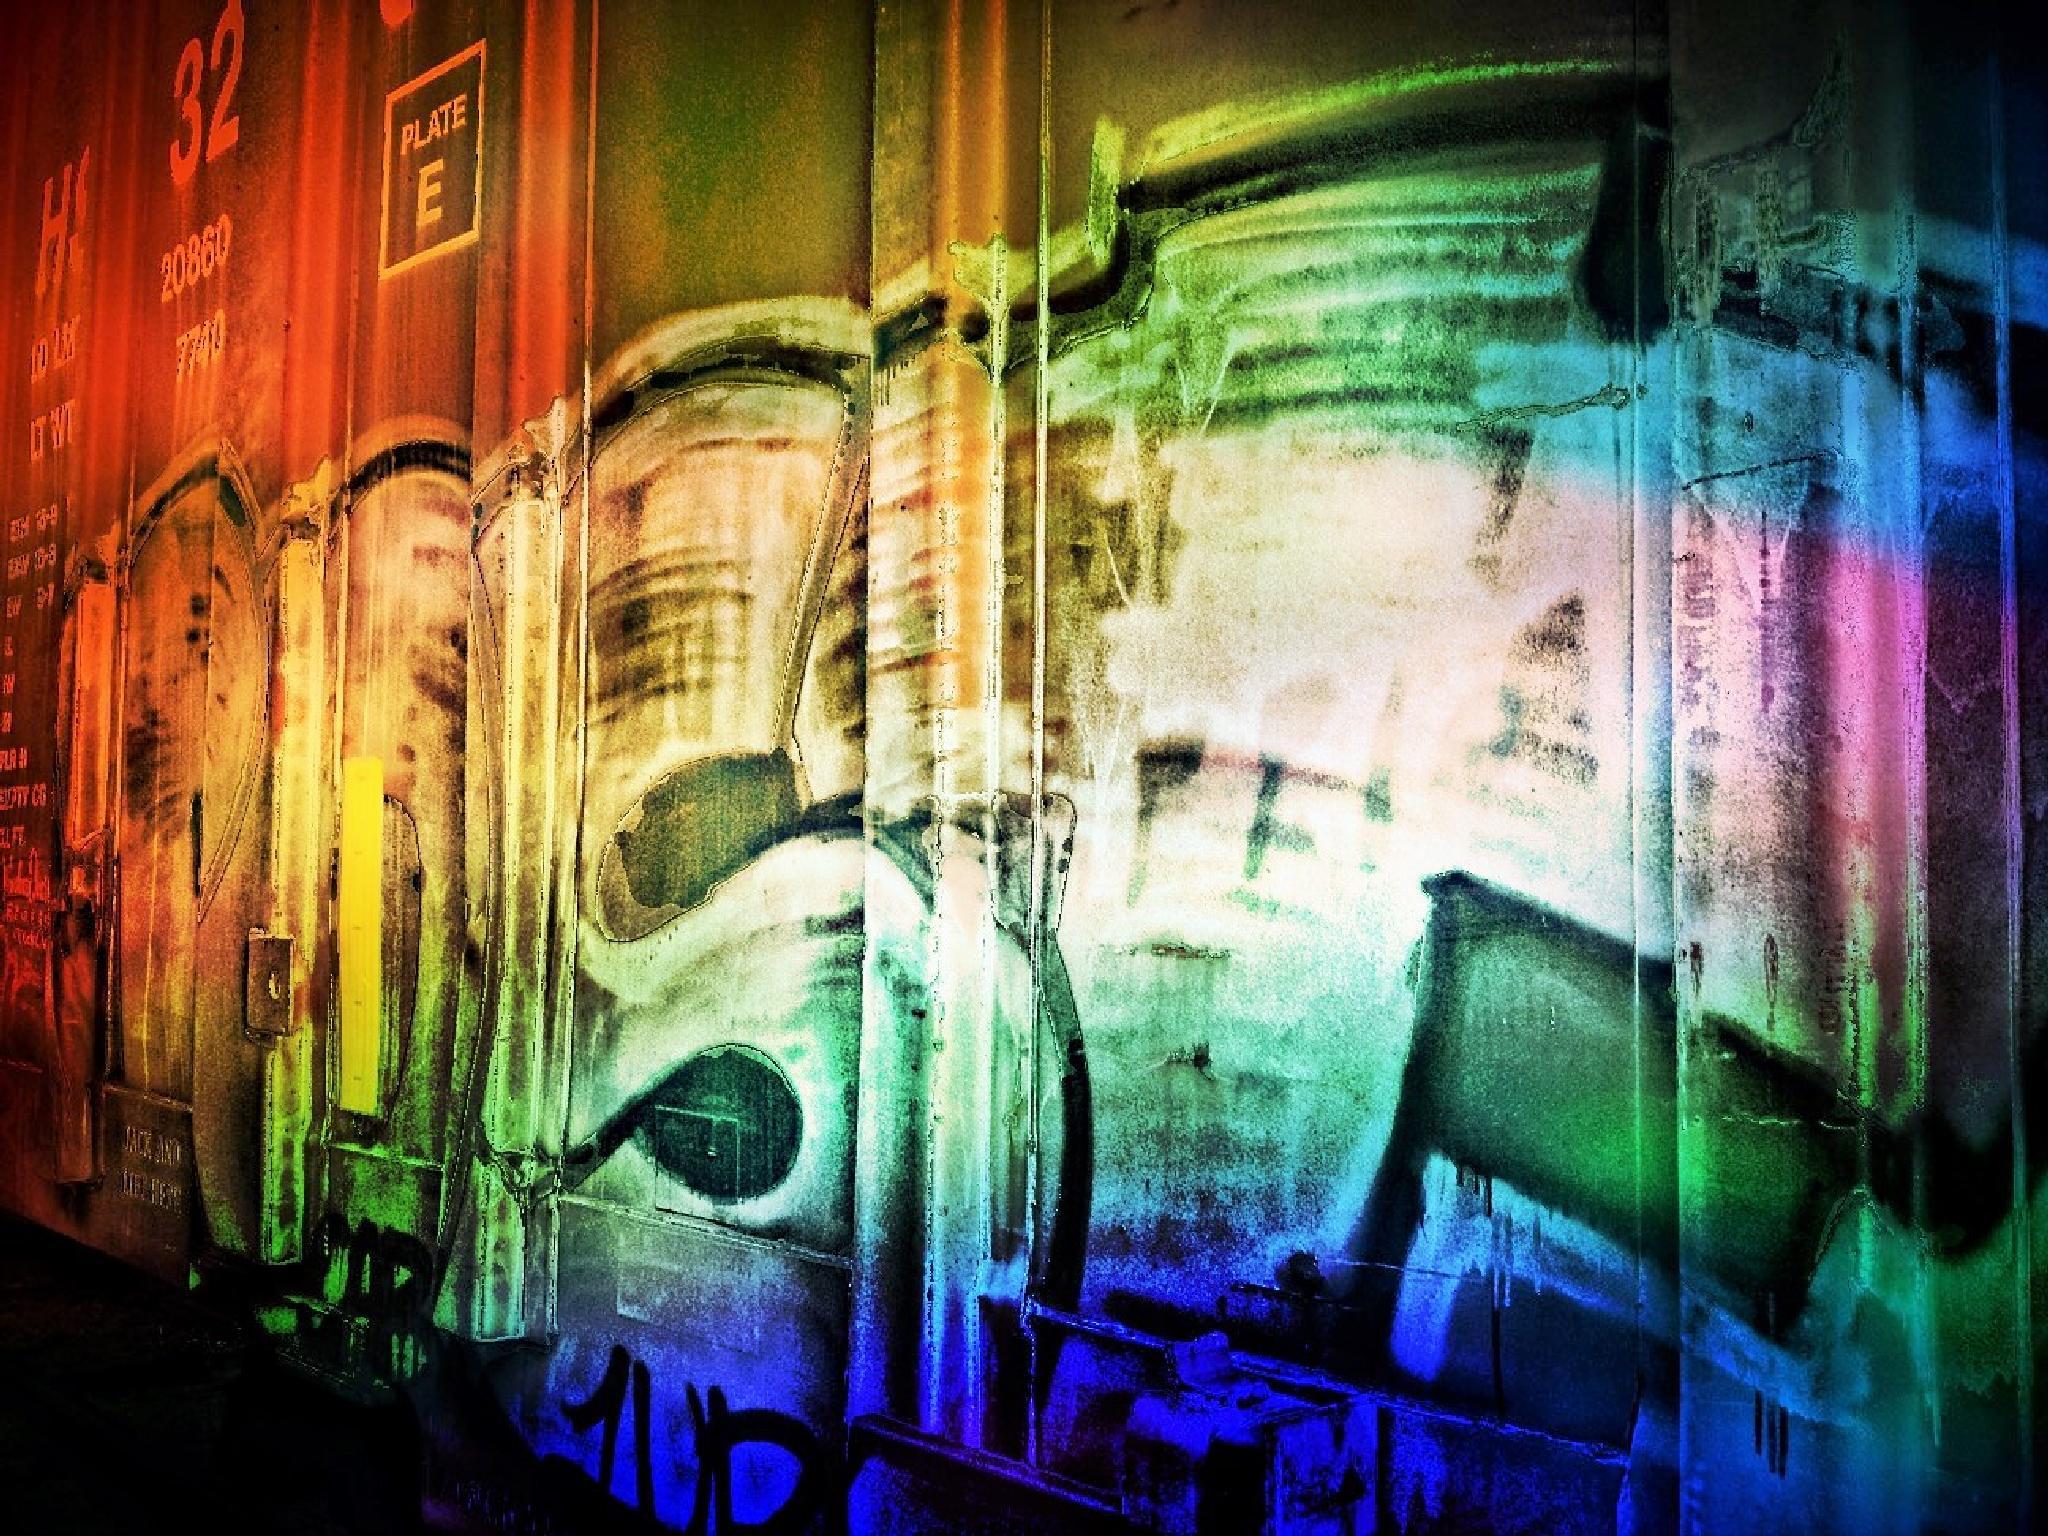 Graffiti on Rail Cars IIII by ISBAT01